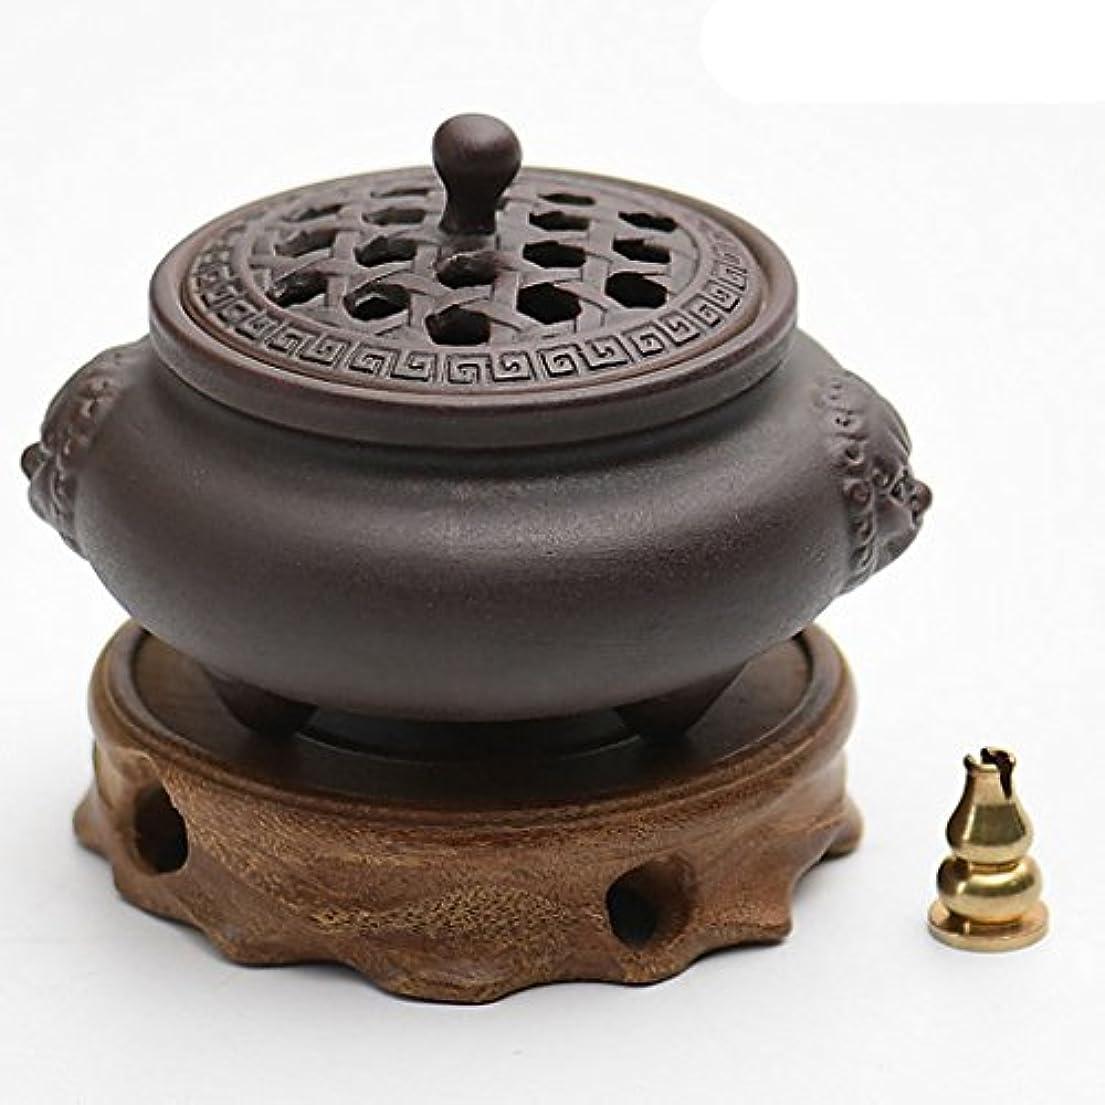 でつば煙(ラシューバー) Lasuiveur 香炉 線香立て 香立て 職人さんの手作り 茶道用品 おしゃれ  木製 透かし彫り